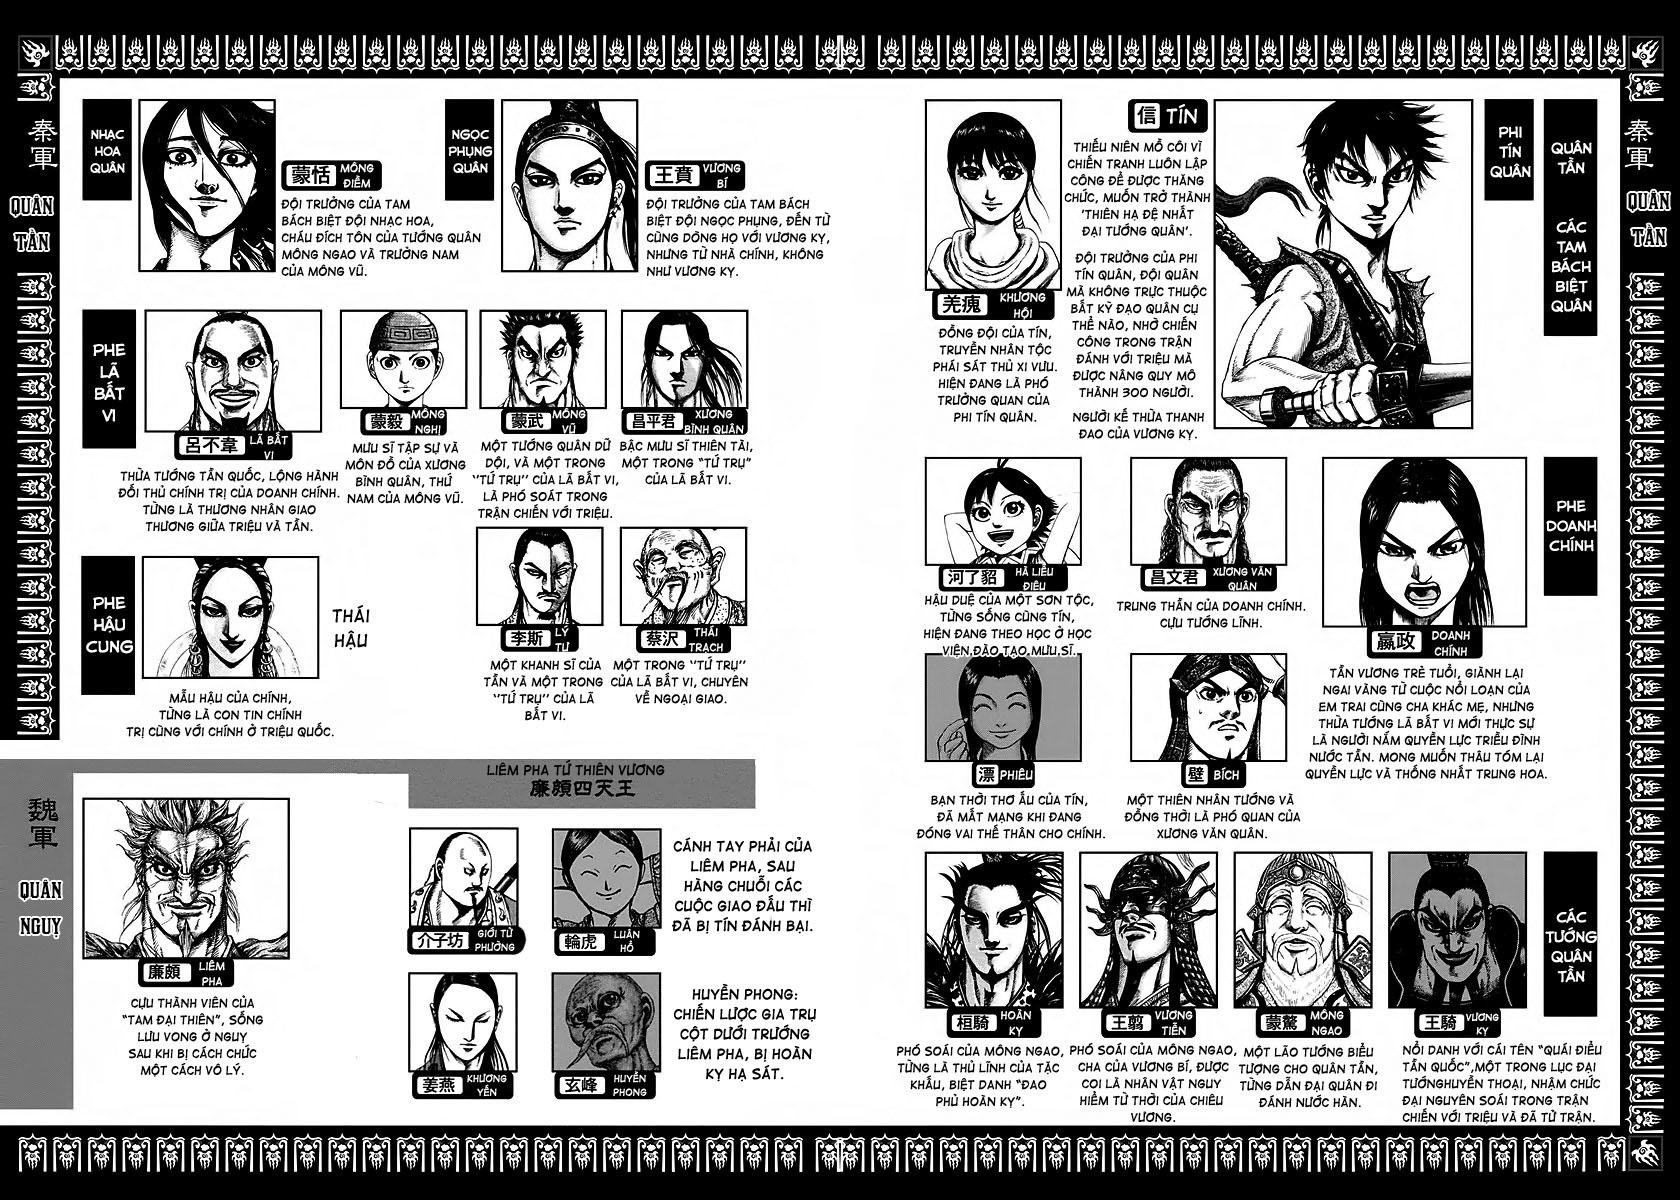 Kingdom – Vương Giả Thiên Hạ (Tổng Hợp) chap 240 page 6 - IZTruyenTranh.com